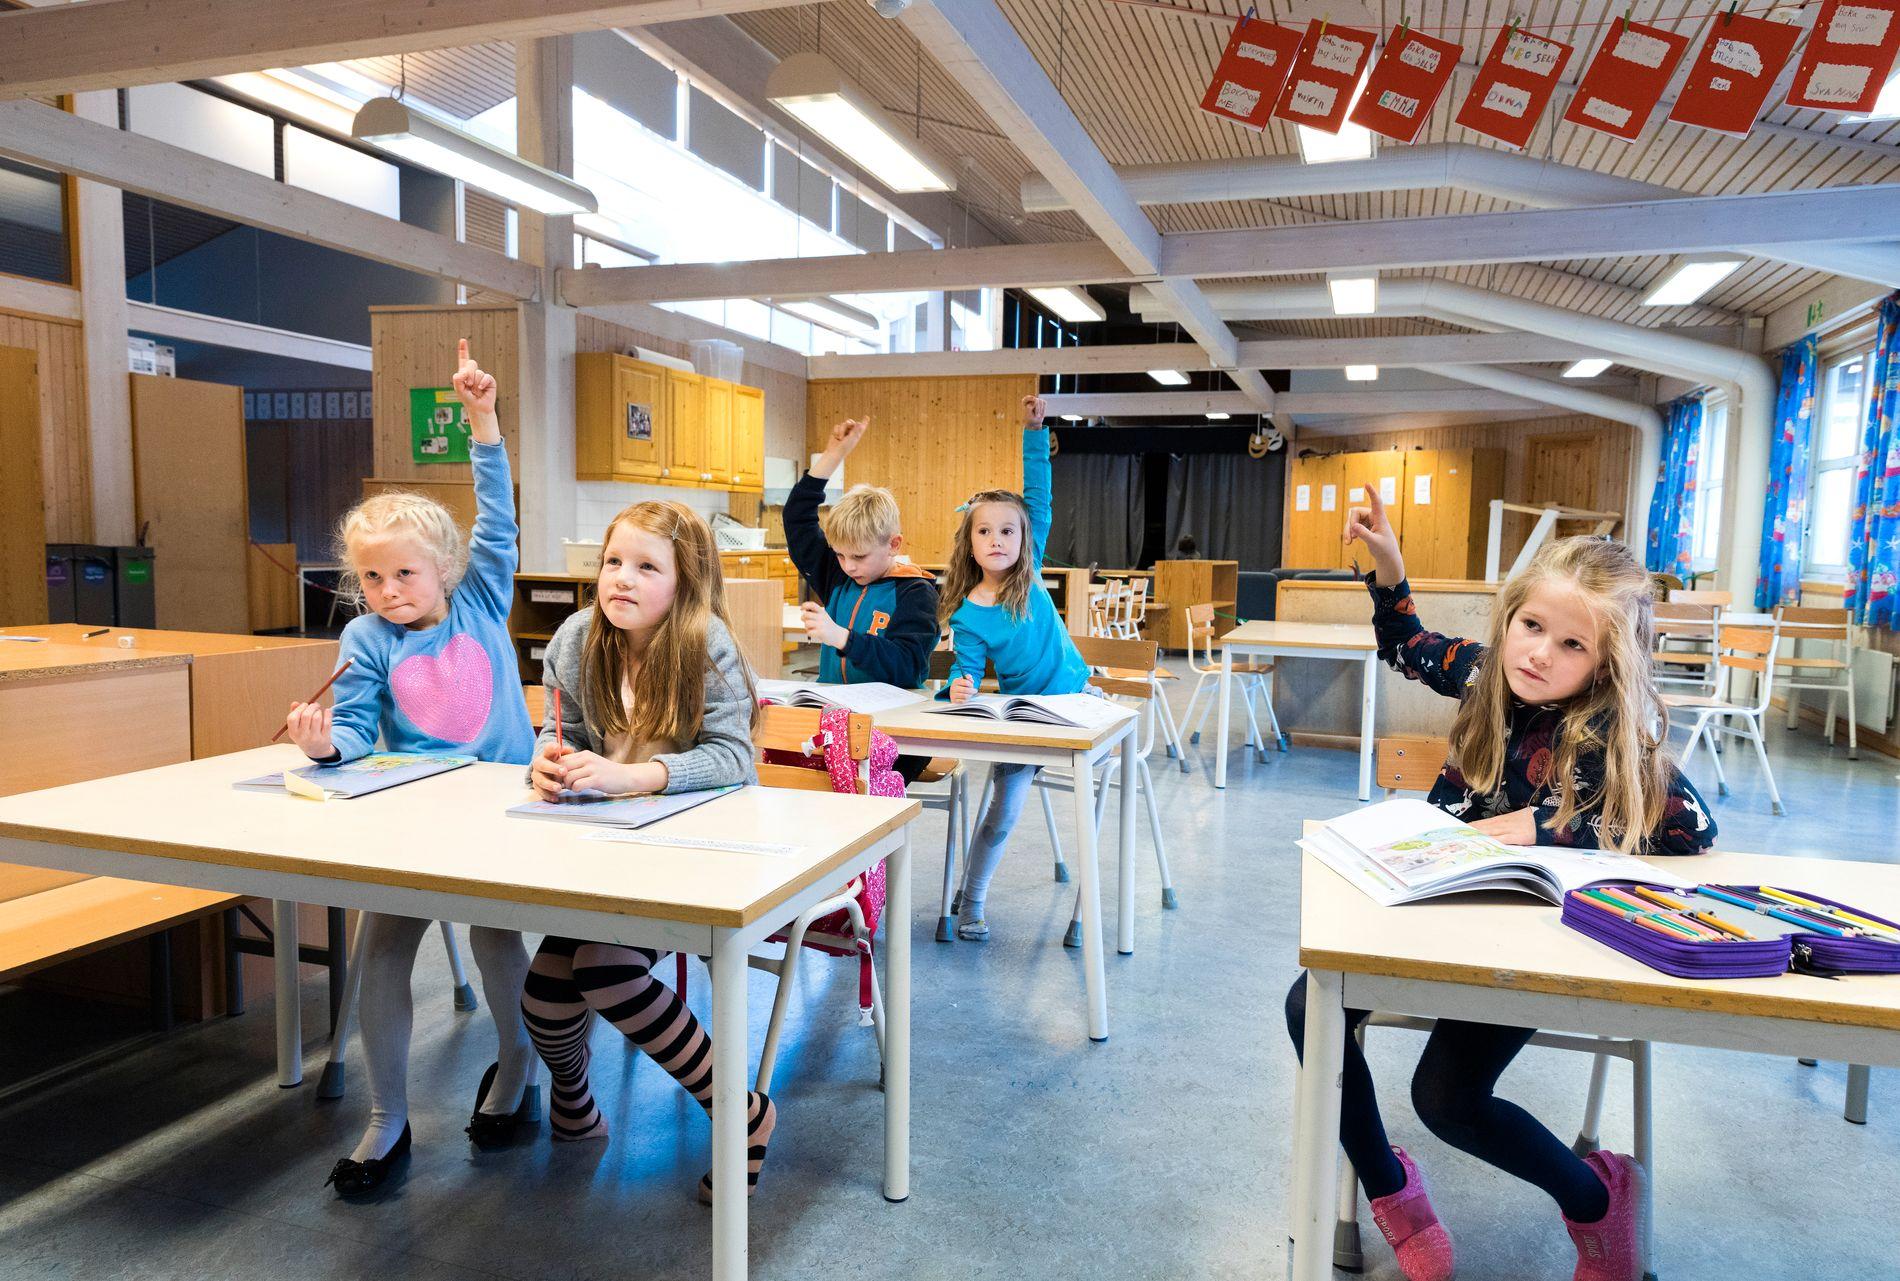 Regjeringen ber kommunene teste ut ordninger for fleksibel skolestart. Foto: Gorm Kallestad / NTB scanpix